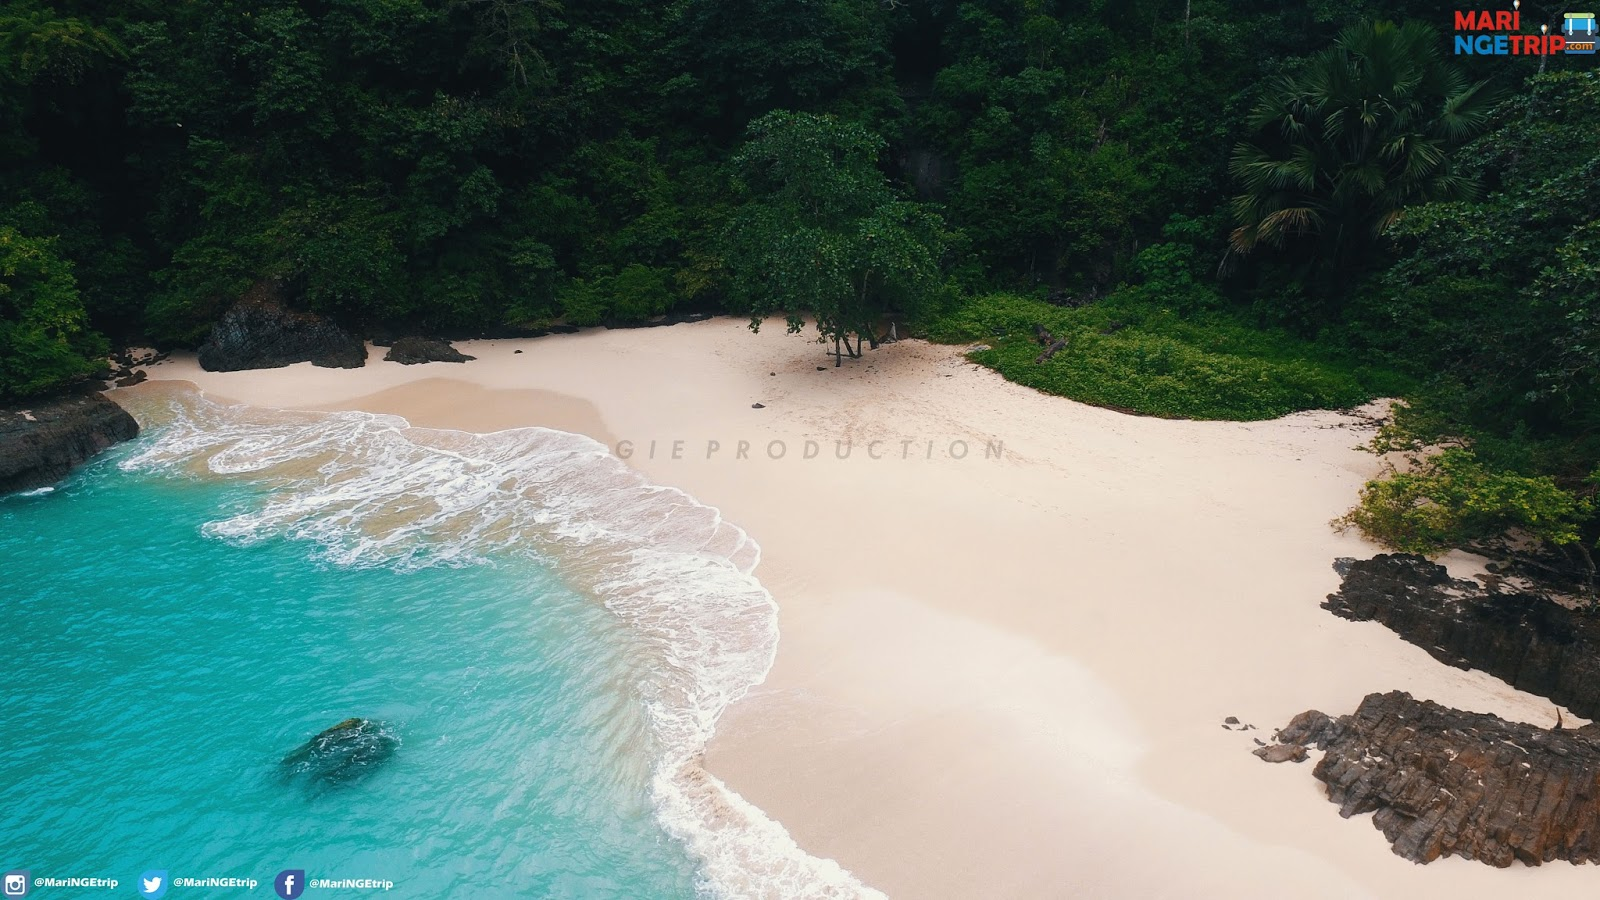 Pesona Keindahan Teluk Hijau Banyuwangi Wisata Indonesia Pantai Mari Ngetrip